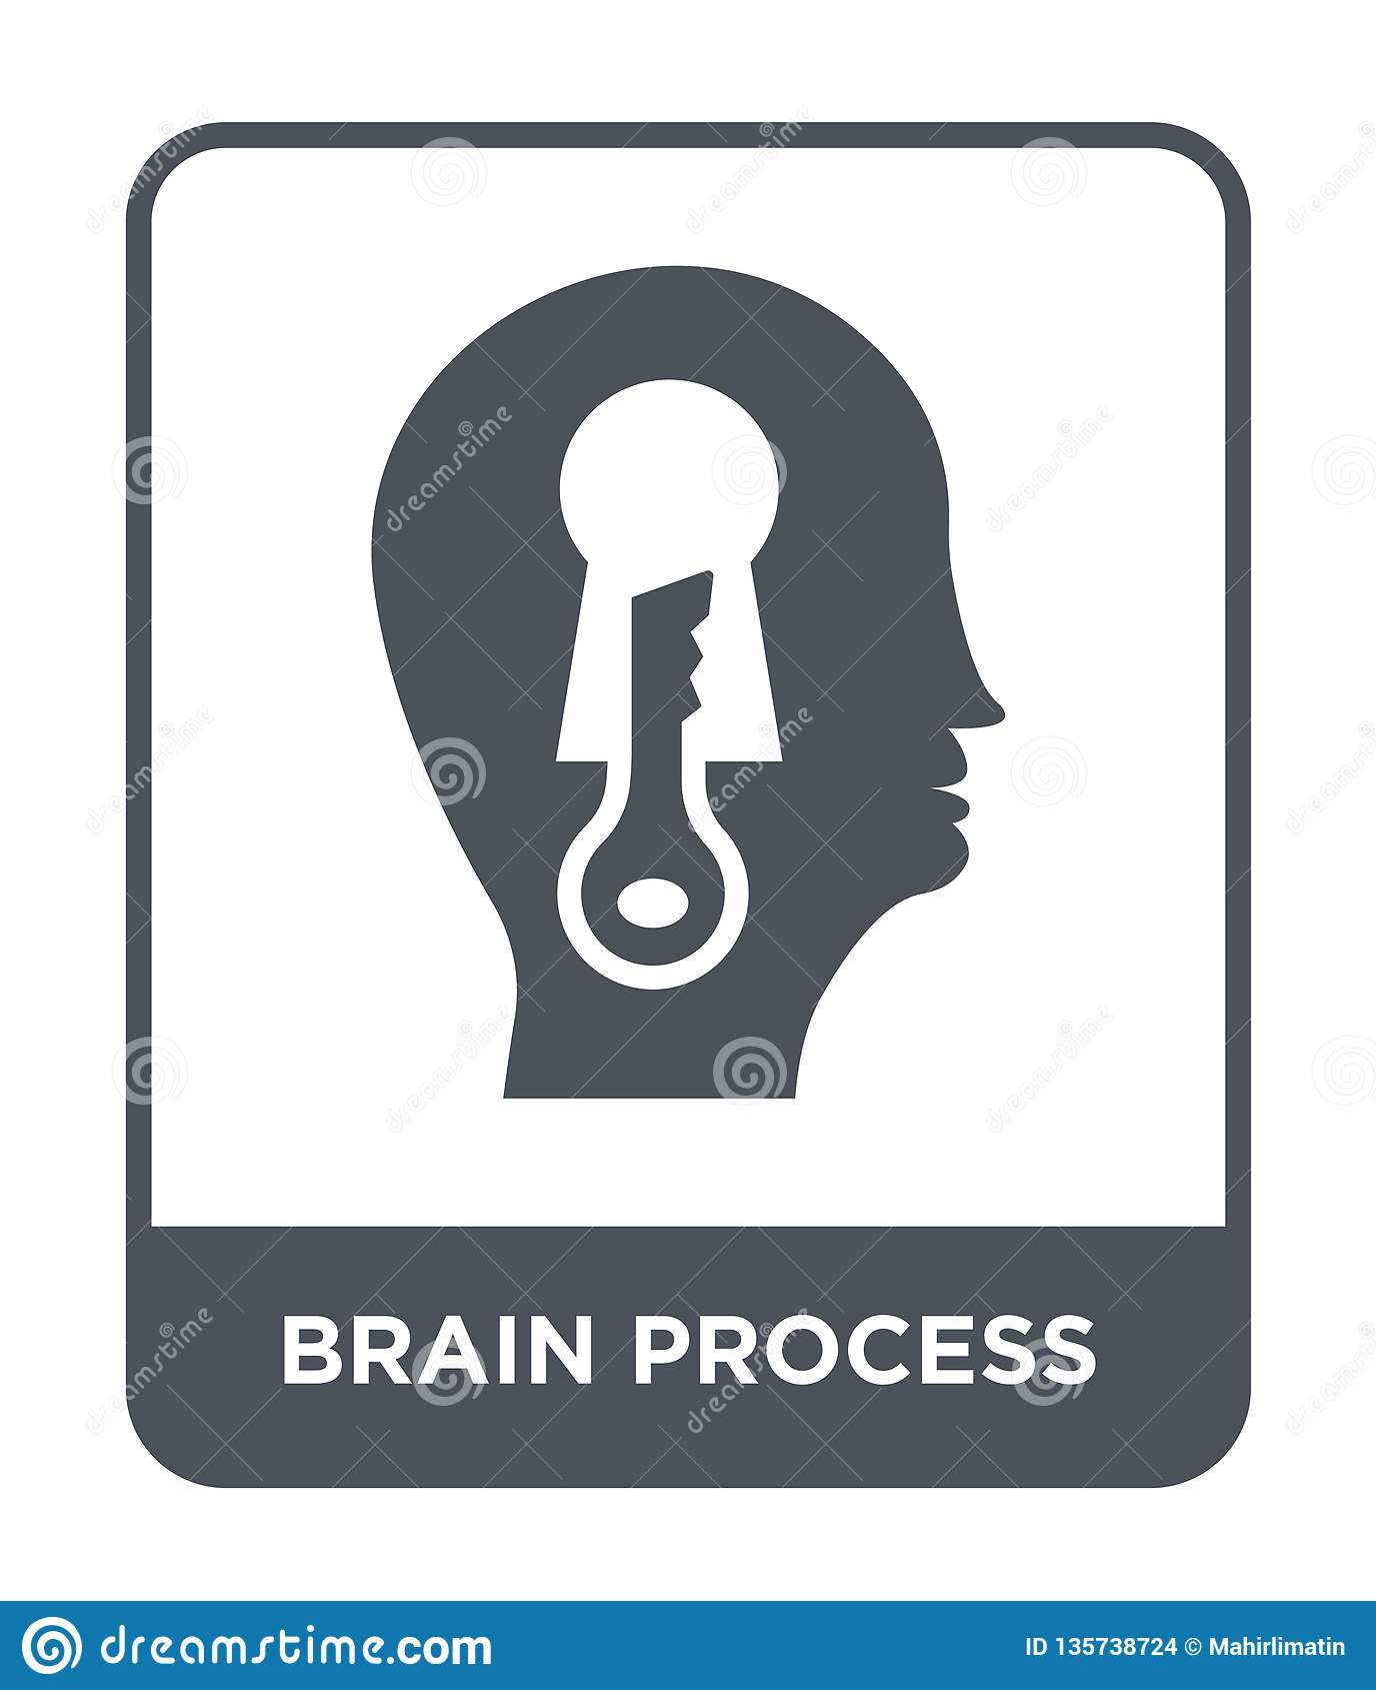 εικονίδιο διαδικασίας εγκεφάλου στο καθιερώνον τη μόδα ύφος σχεδίου εικονίδιο διαδικασίας εγκεφάλου που απομονώνεται στο άσπρο υπ